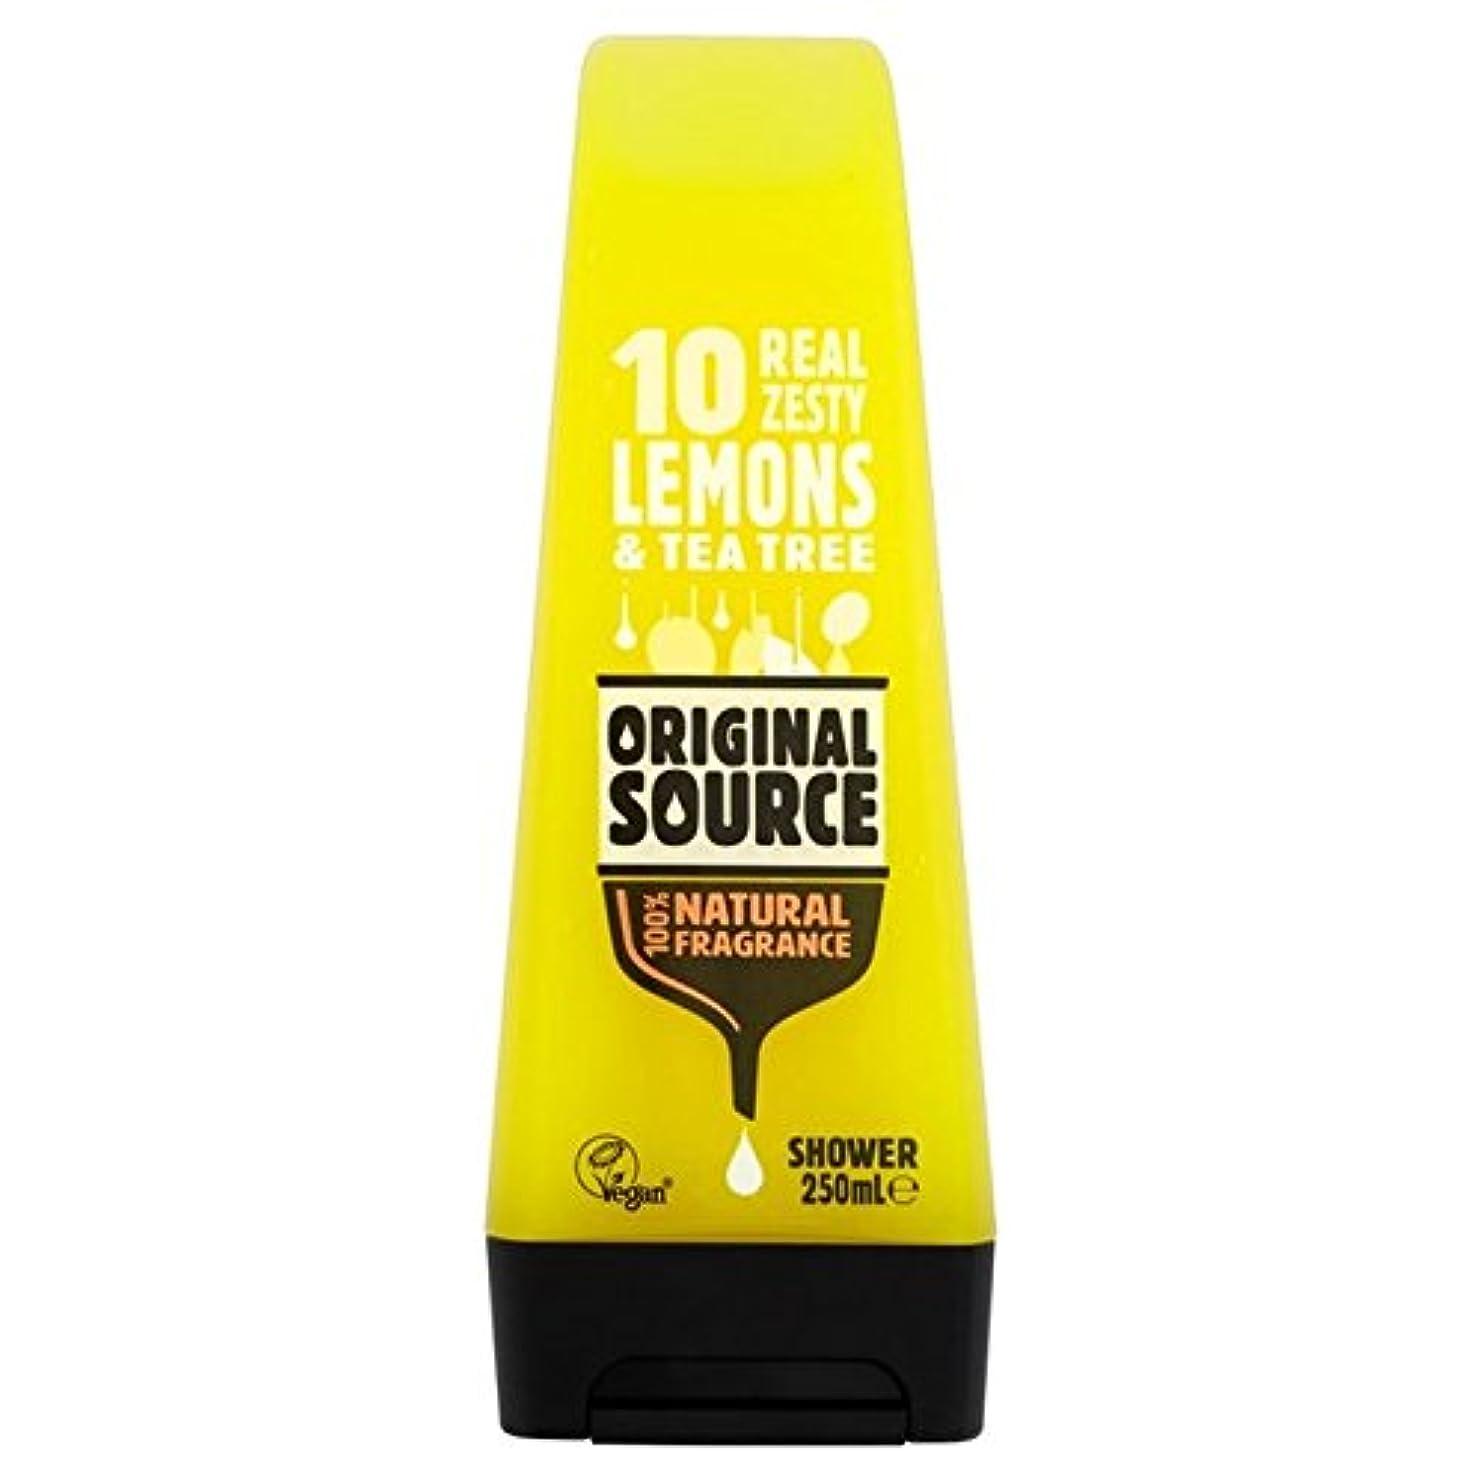 葉を集める枝船元のソースのレモンシャワージェル250ミリリットル x4 - Original Source Lemon Shower Gel 250ml (Pack of 4) [並行輸入品]